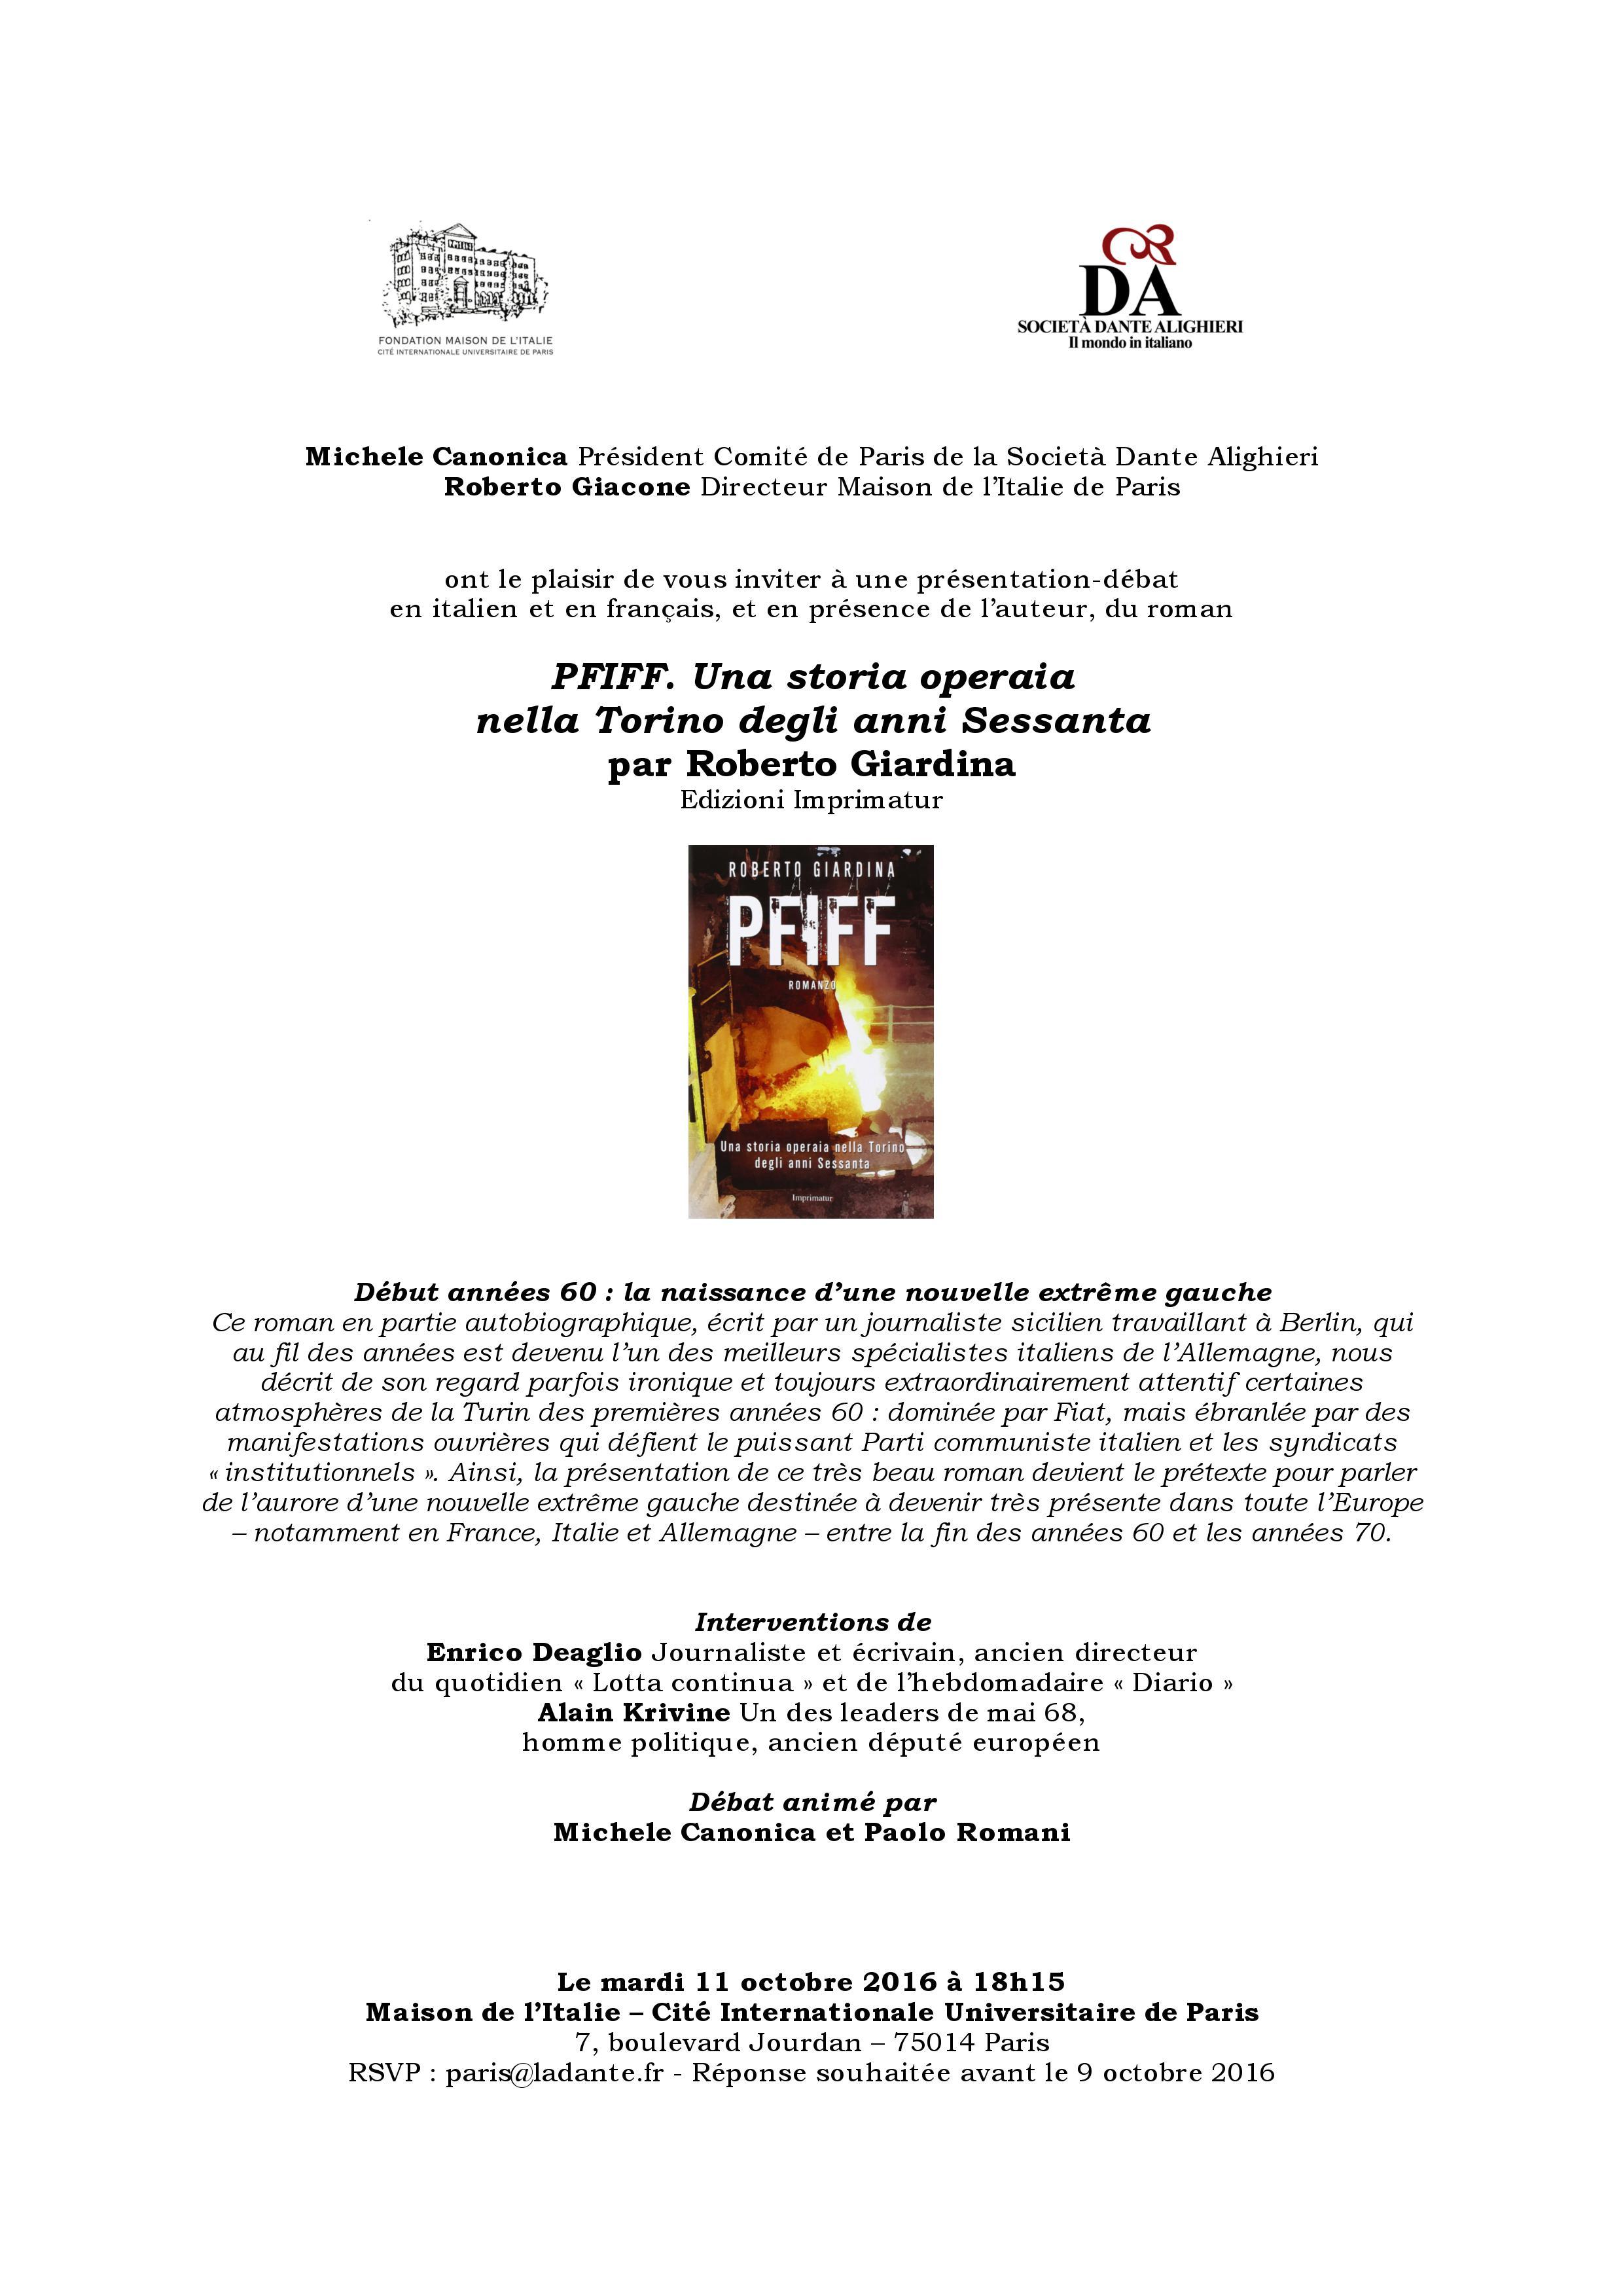 invitation-giardina-deaglio-krivine